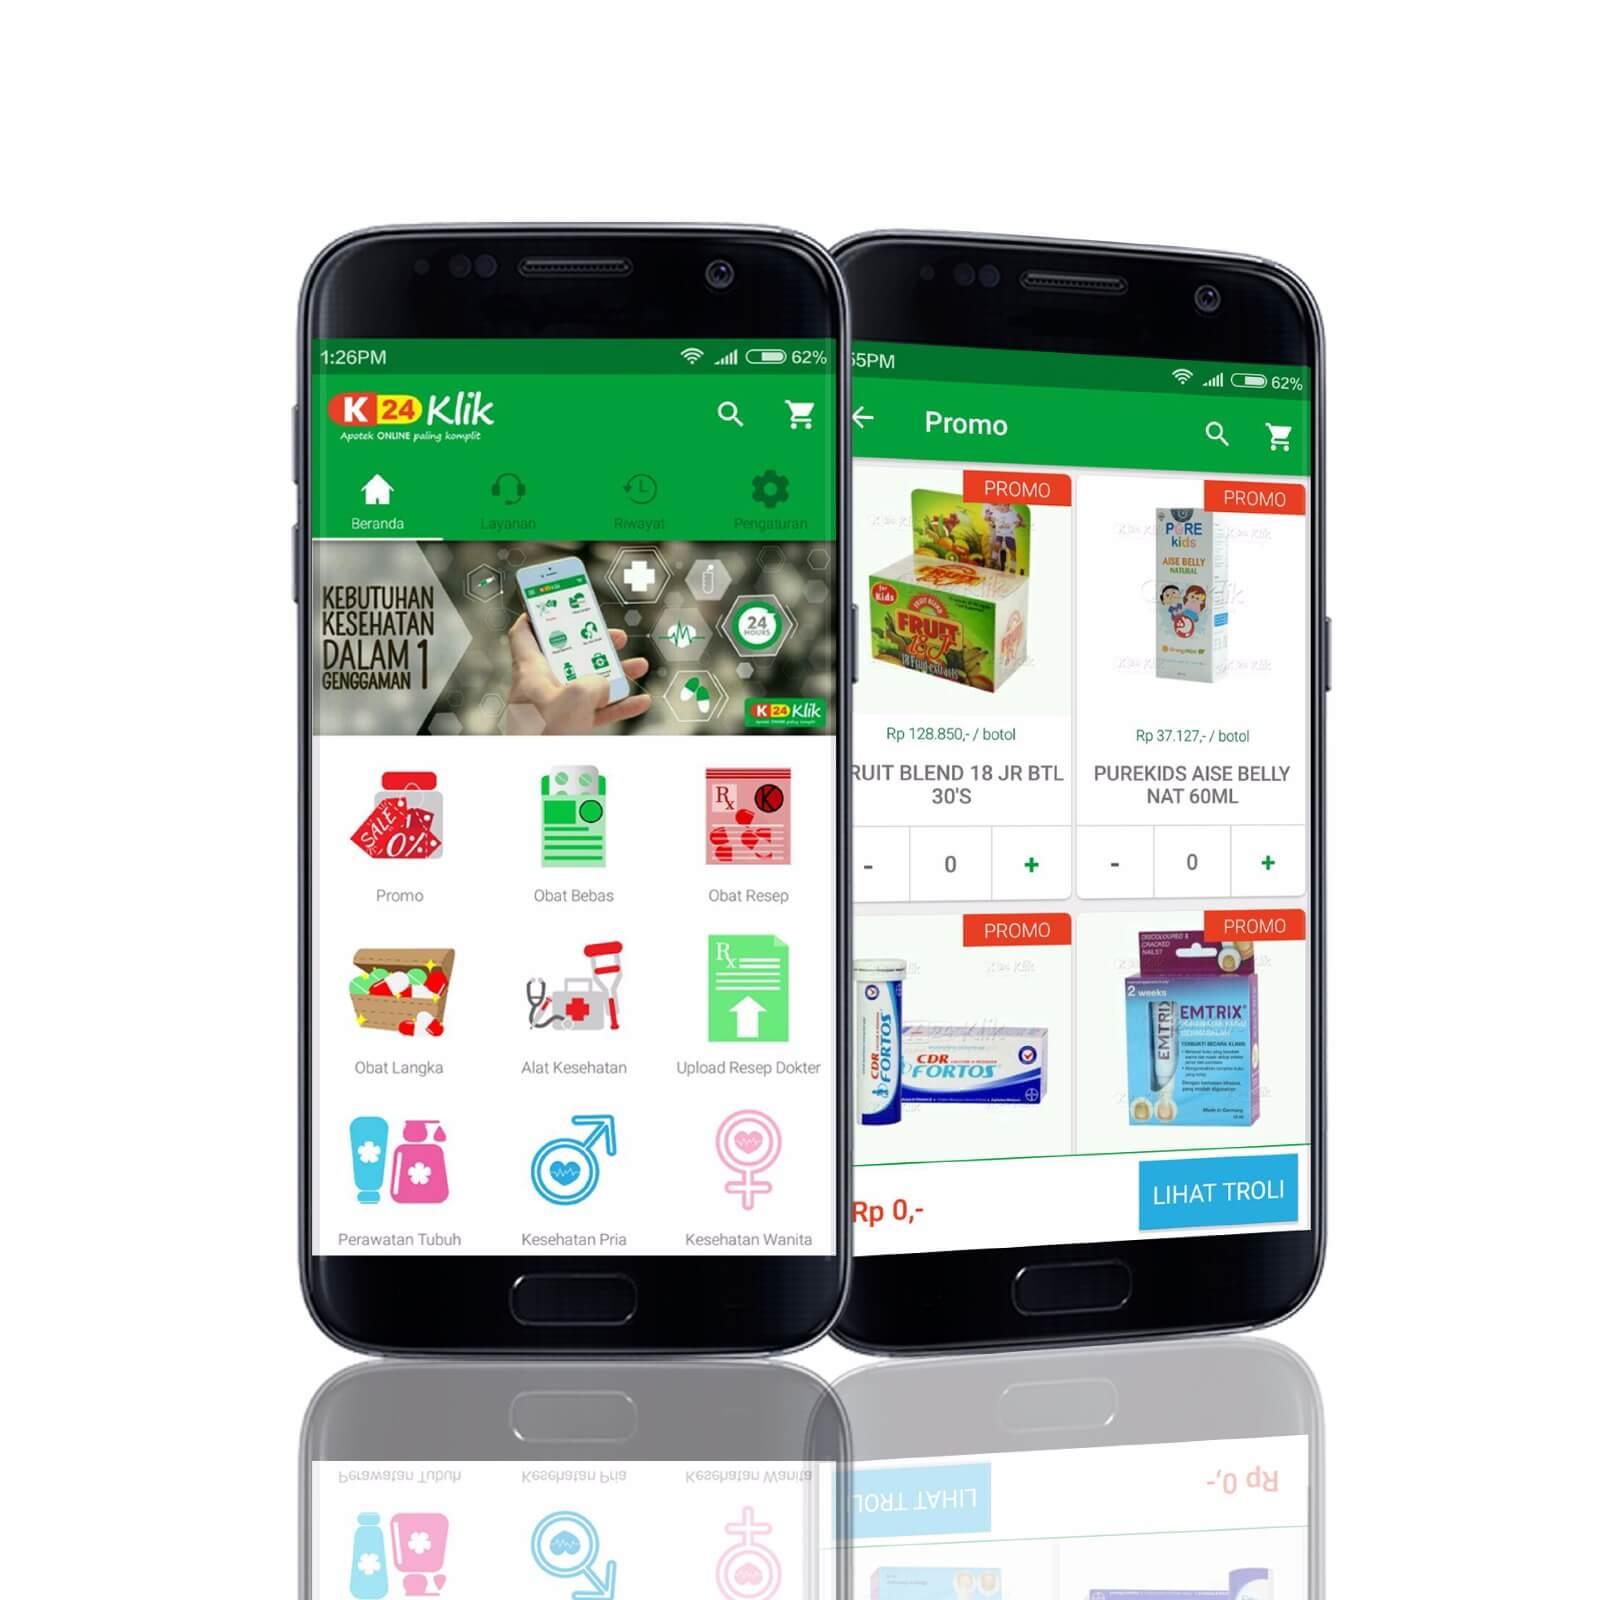 androidinfografikk24klik (1)